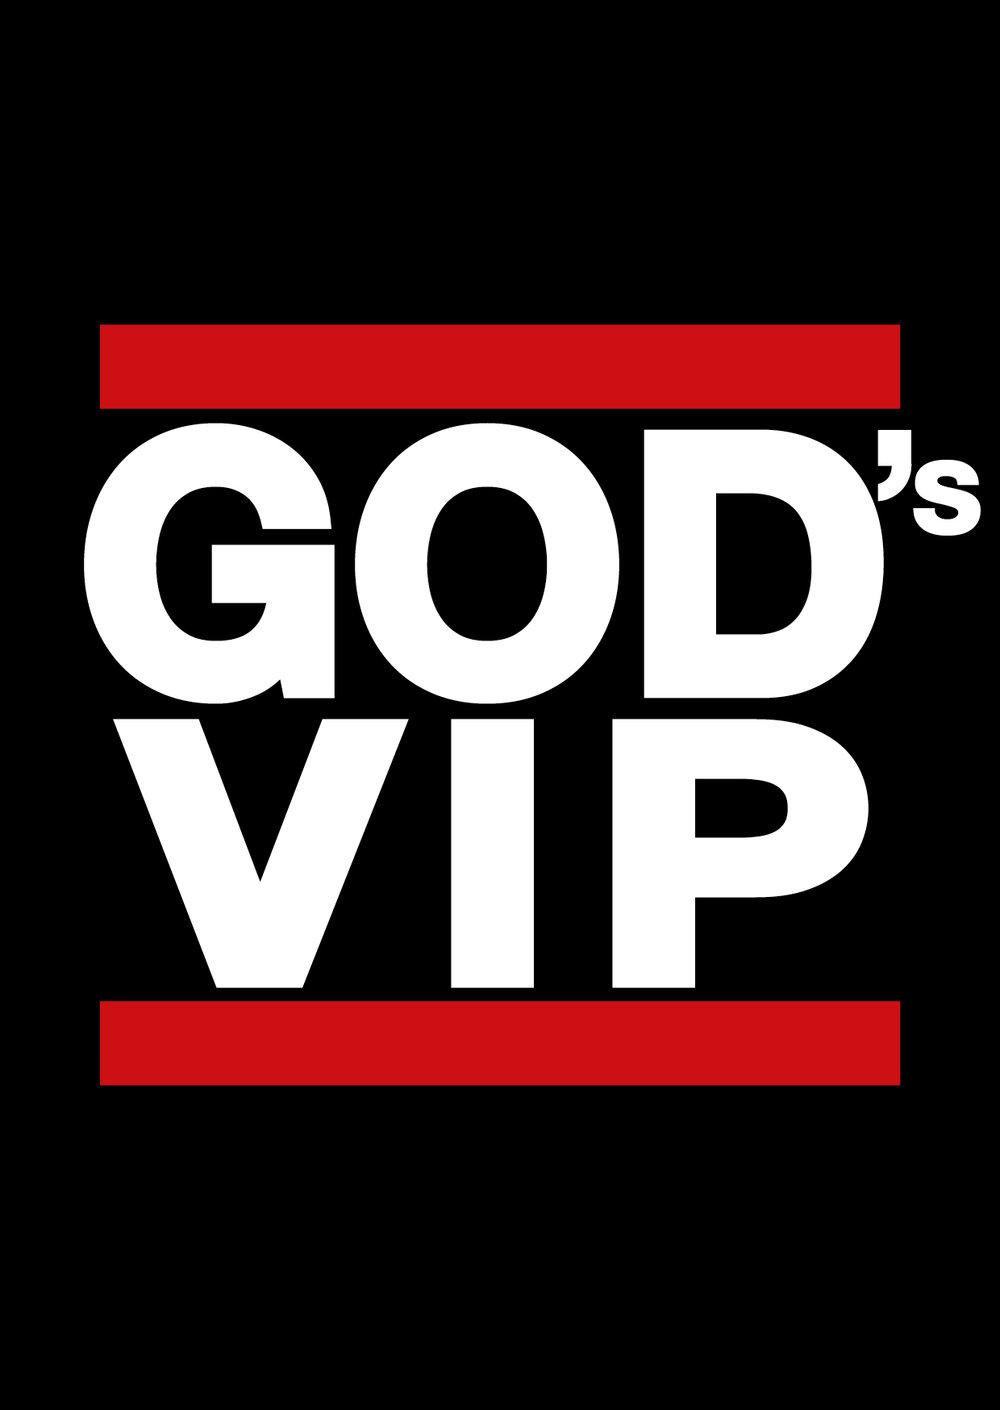 Postkarte GOD's VIP - Run DMC Edition - Postkarte A6 mit folgendem Text auf der Rückseite:❤️ DU BIST GELIEBT 💲 DU BIST WERTVOLL 💎 DU BIST EINZIGARTIG 🥇 DU BIST ANERKANNT Die Bibel: 1. Johannes 3,1 bis 10 Postkarten gratis, Email schreiben mit Postadresse größere Mengen auf Anfrage